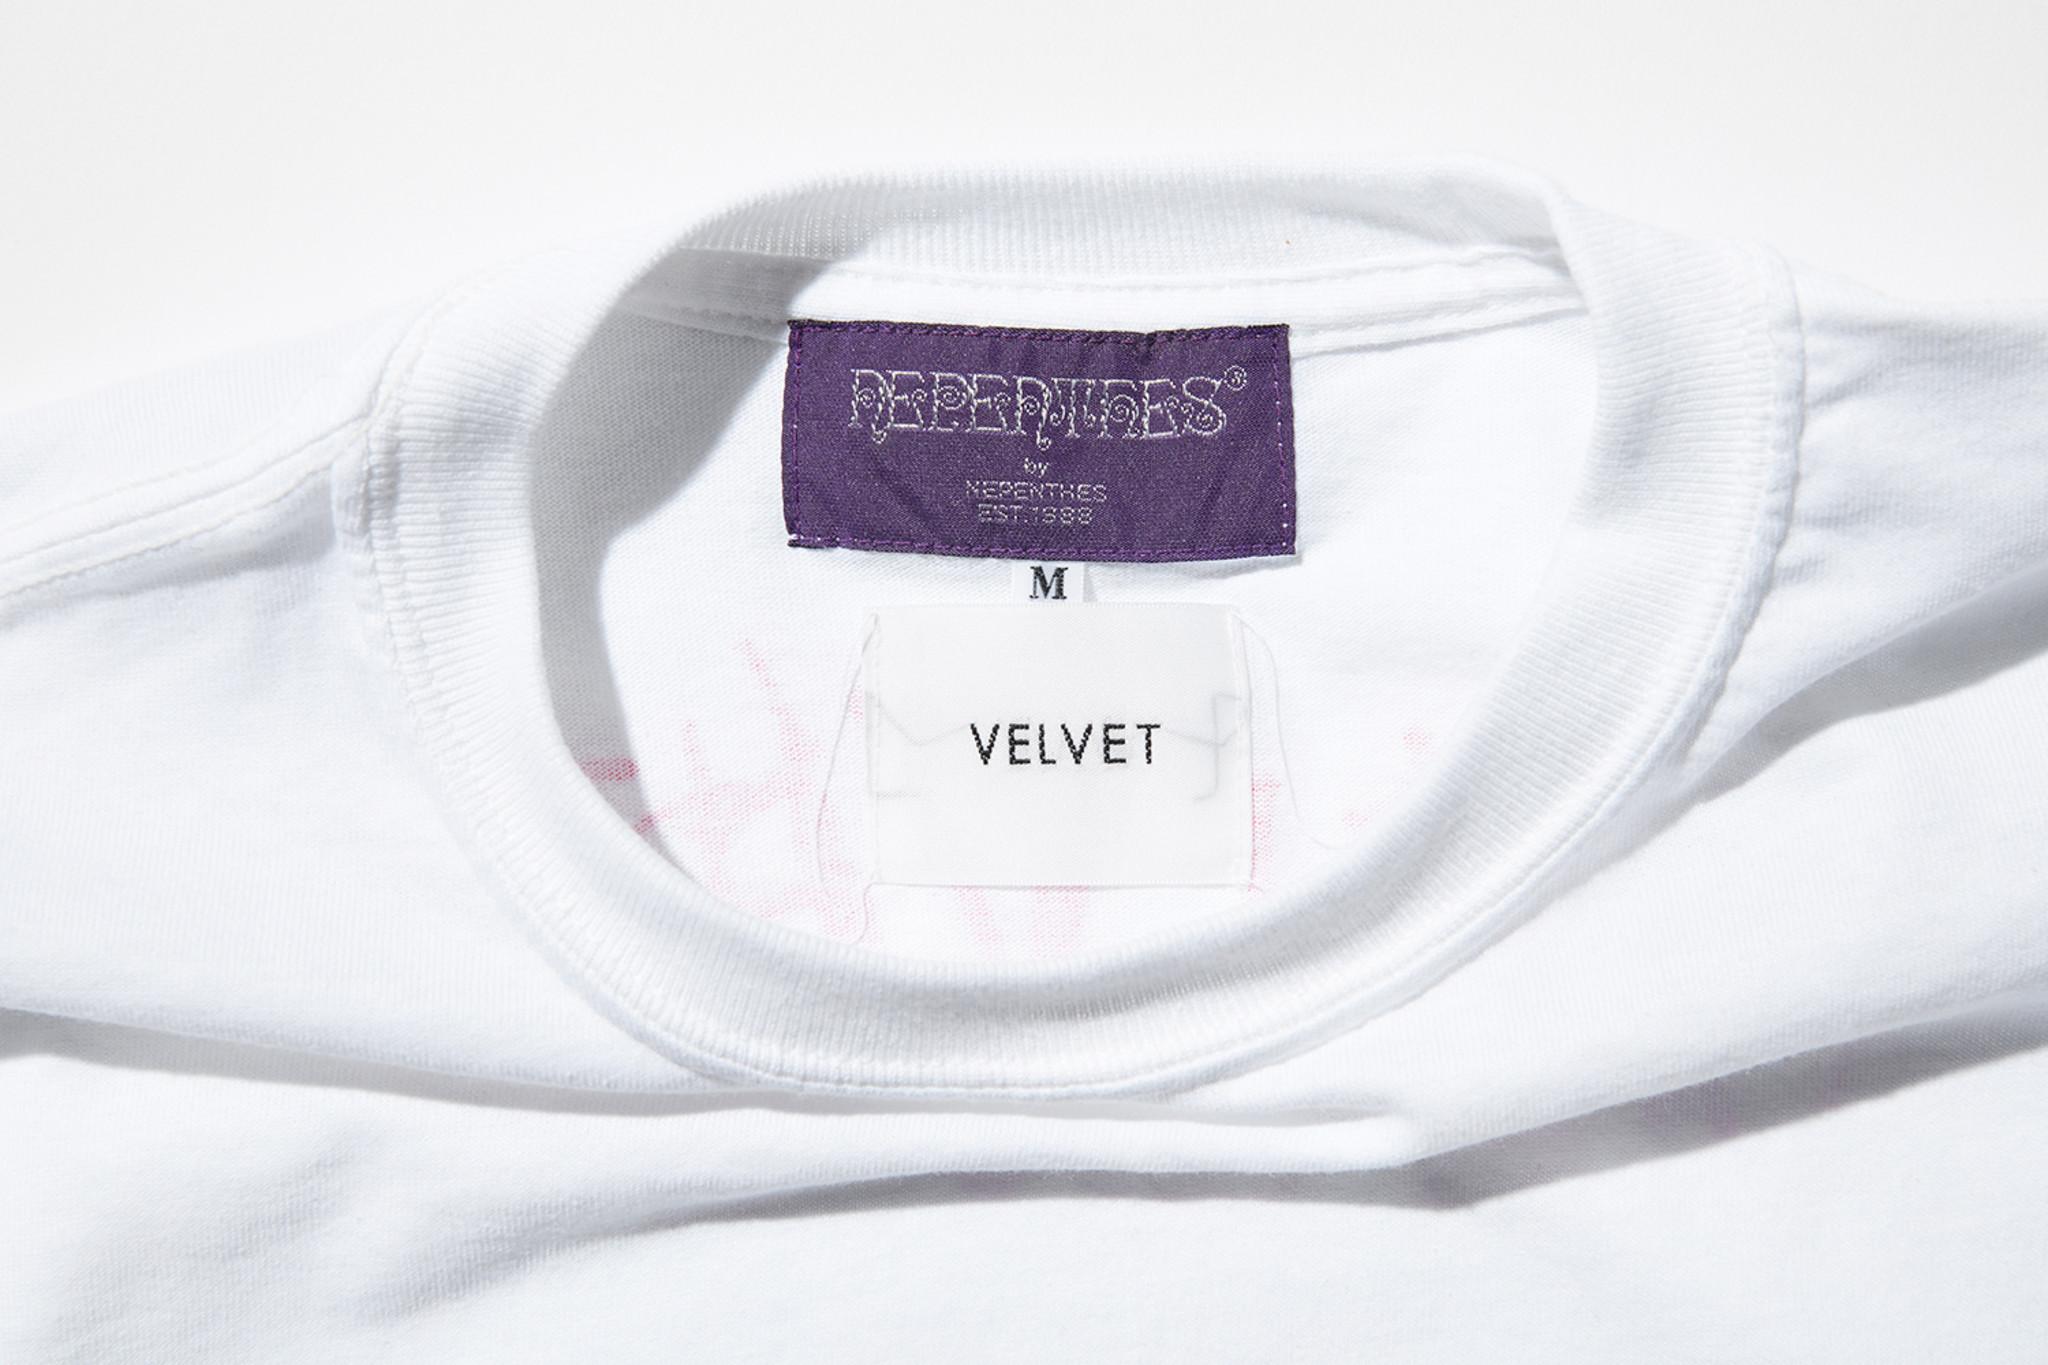 VELVET Pop-Up Store Nepenthes x VELVET : Printed T-Shirt - White